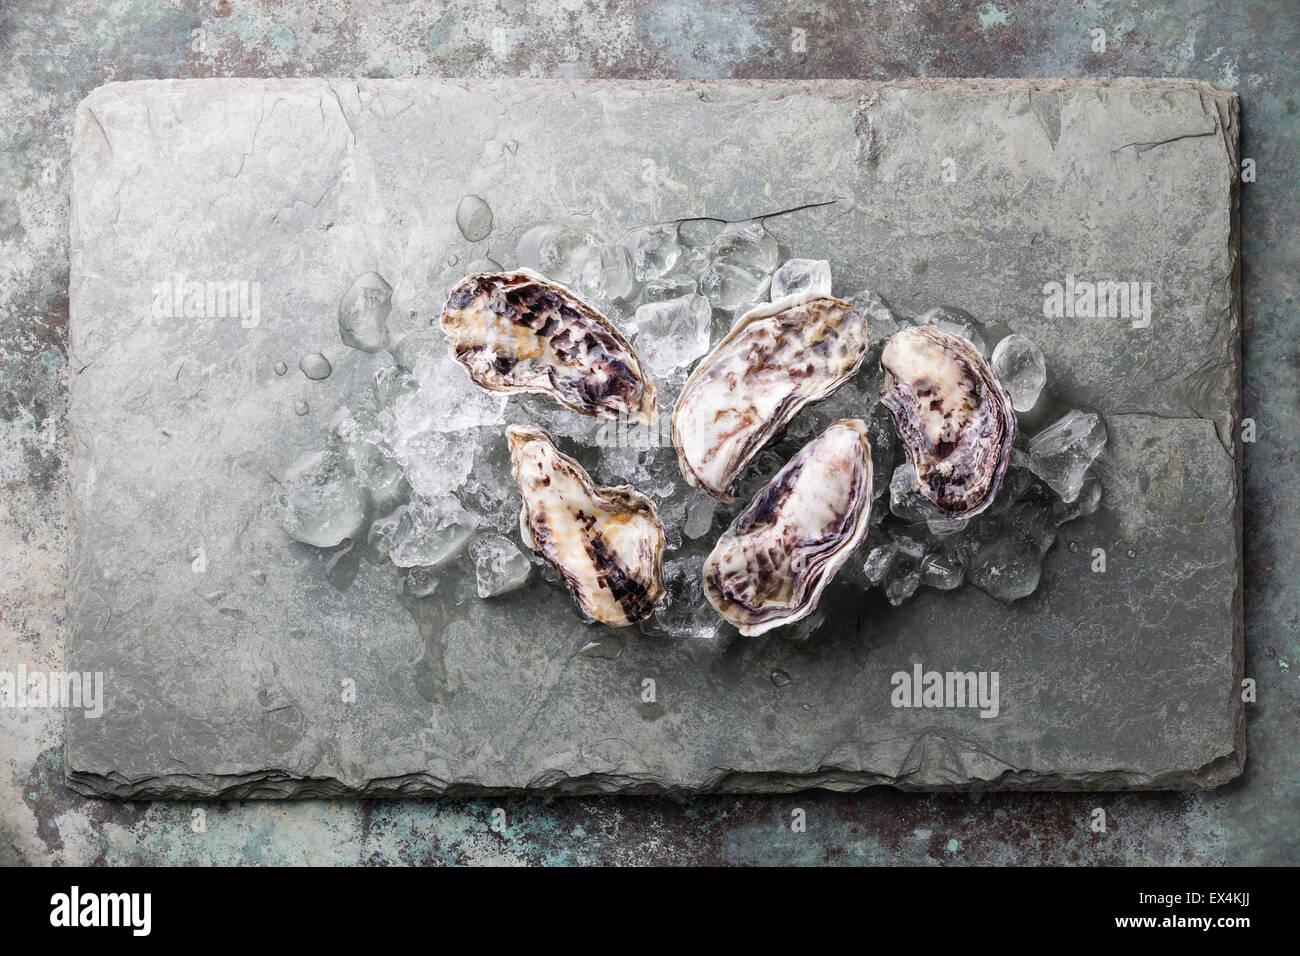 Cinque crudo fresco ostriche su sfondo di pietra con ghiaccio Immagini Stock